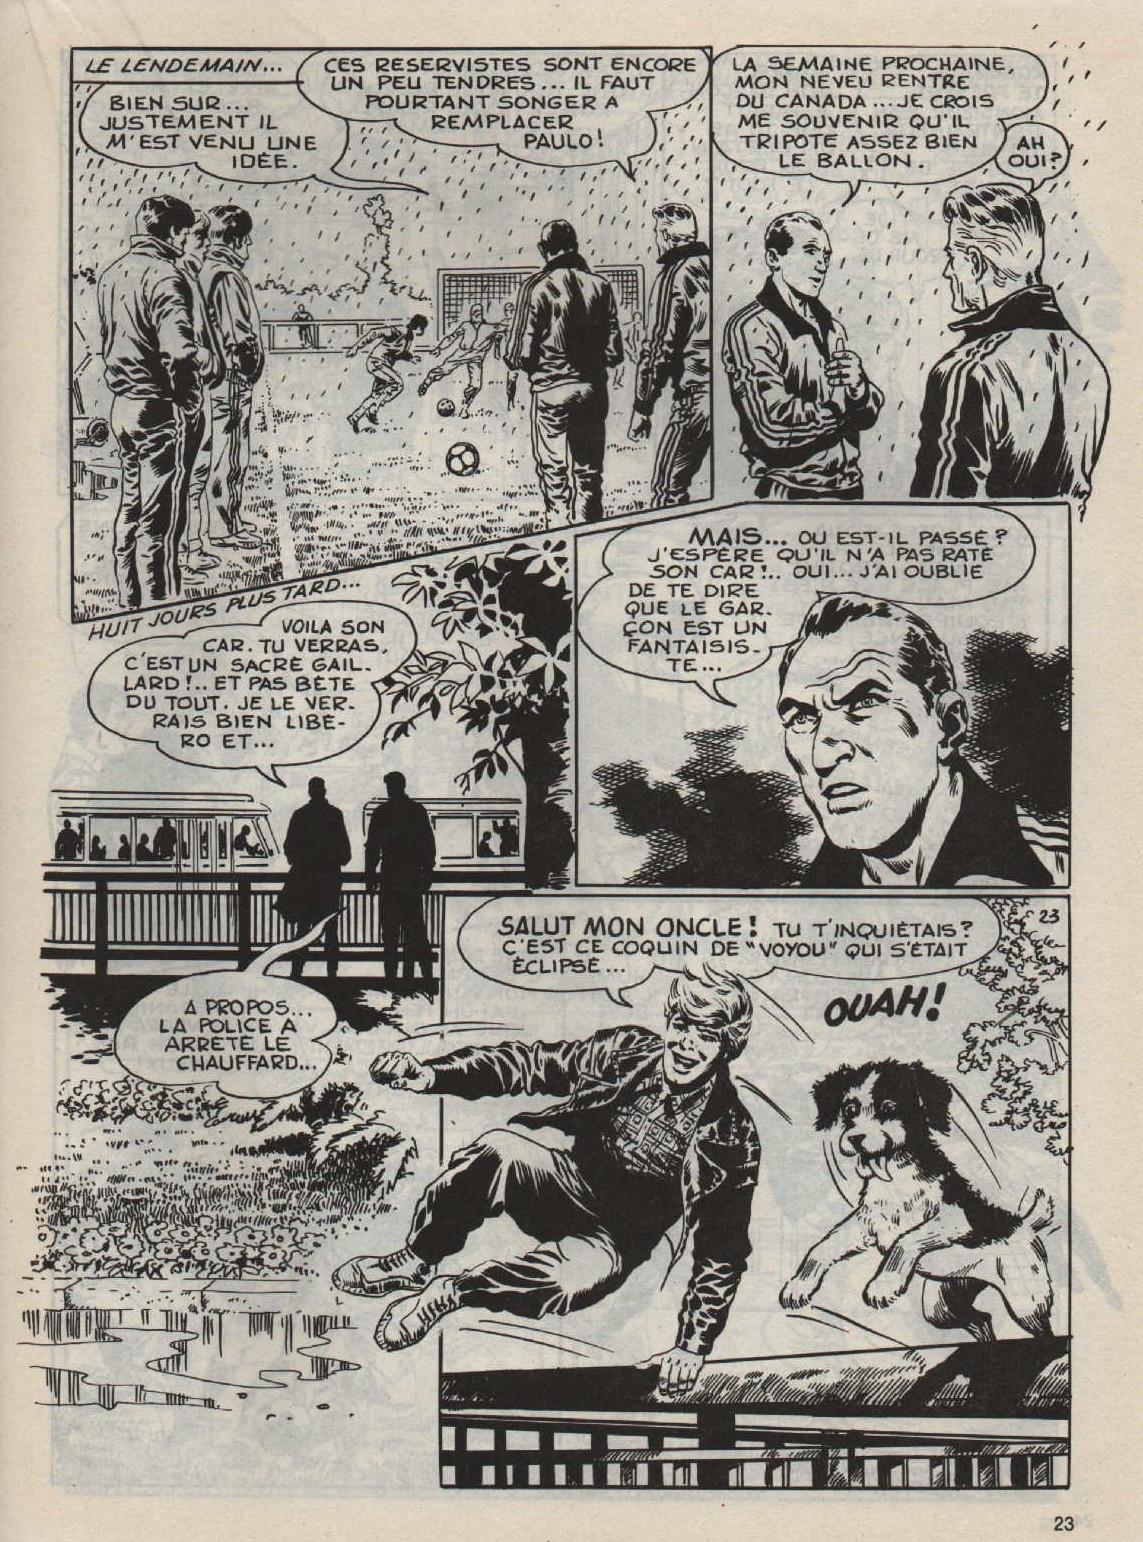 « Allez les blancs ! » Crampons n° 1 (2e trimestre 1986).